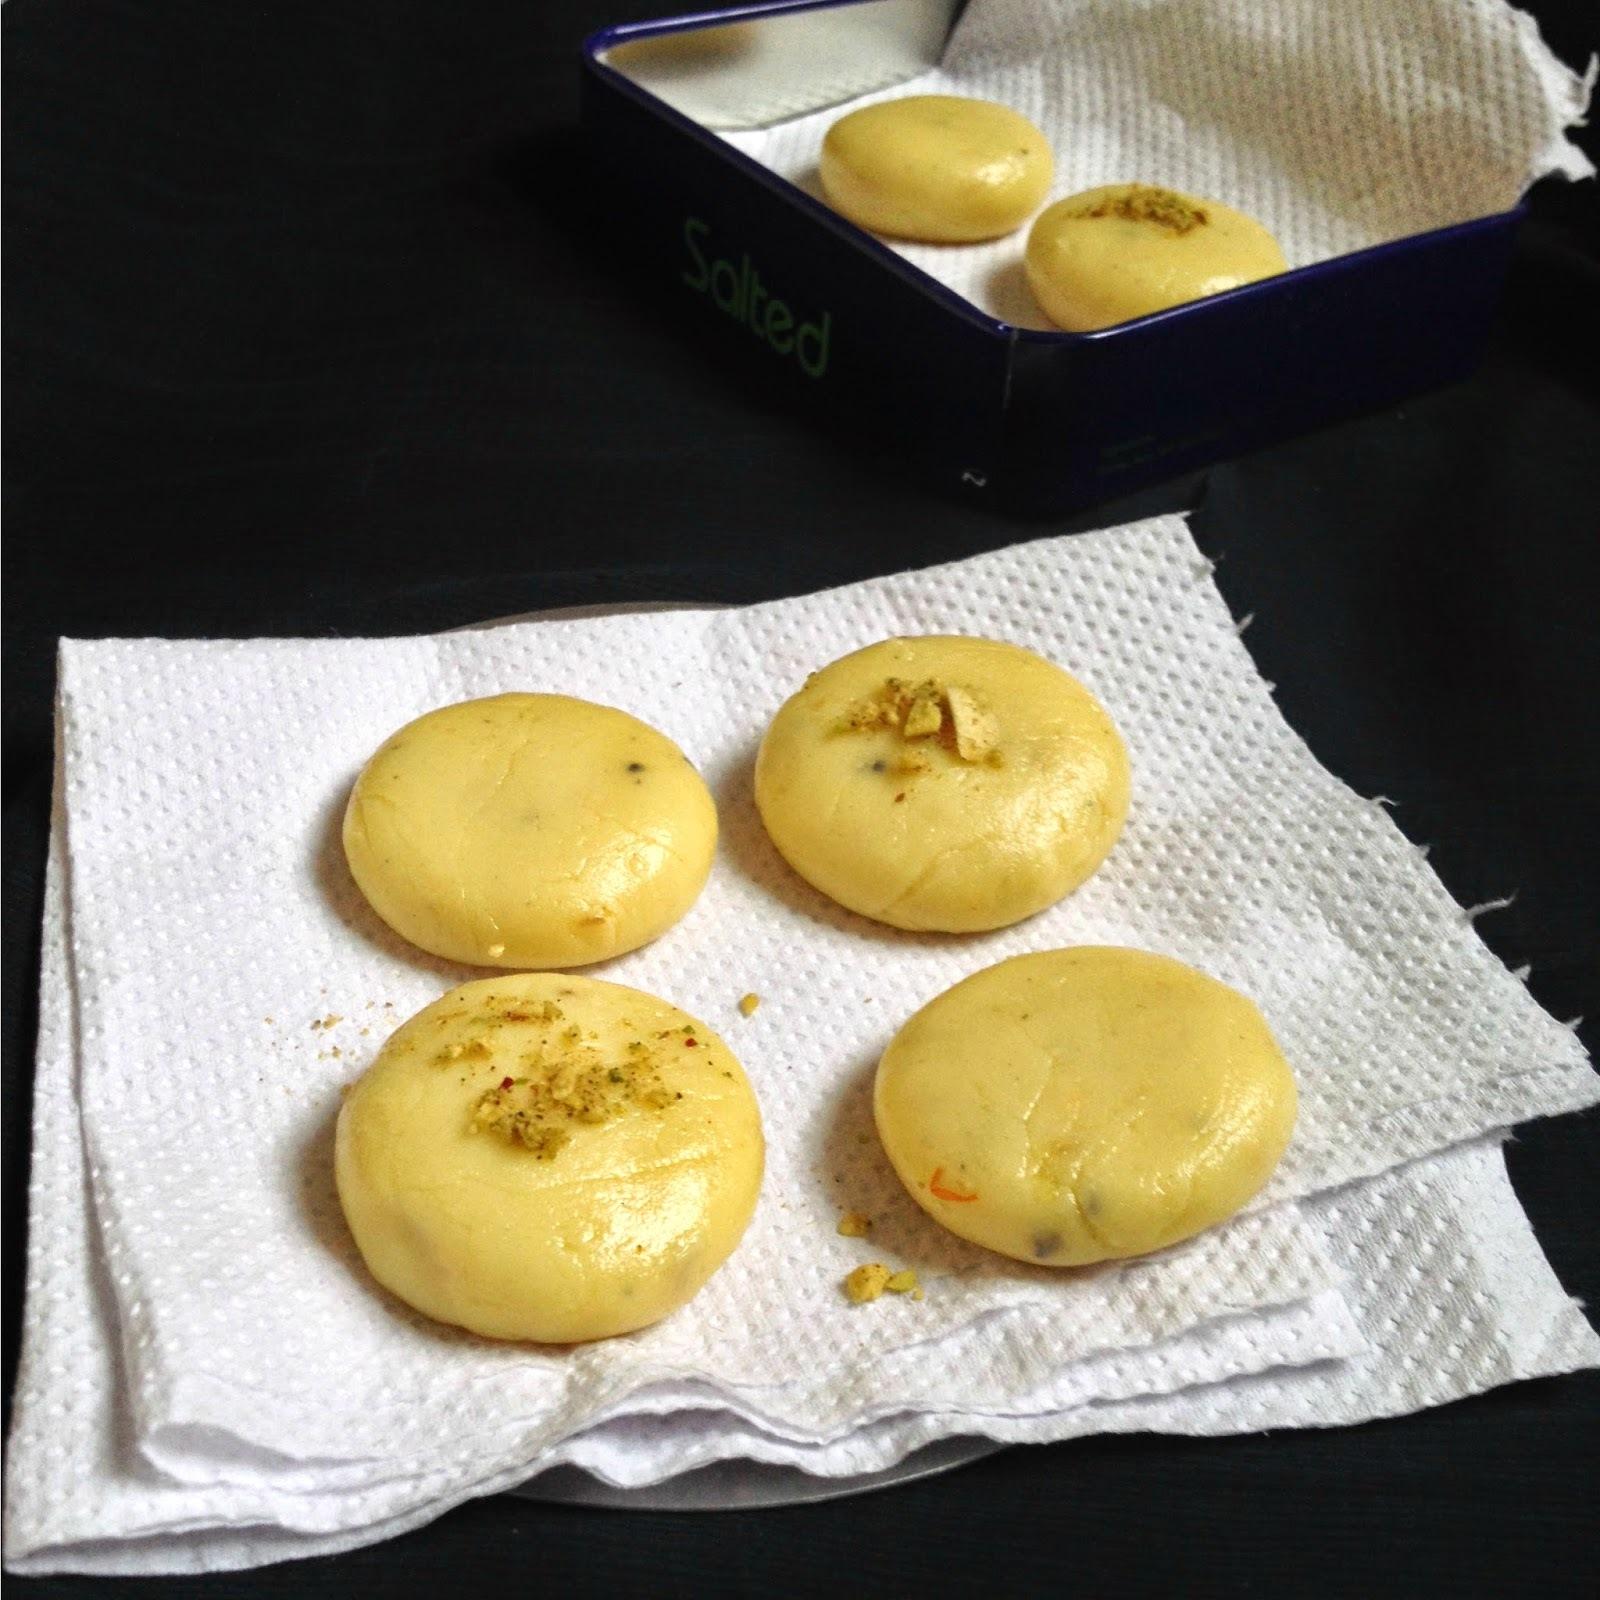 doodh peda - paal peda  - milk peda -kesar peda - how to make milk peda recipe - Diwali Recipes